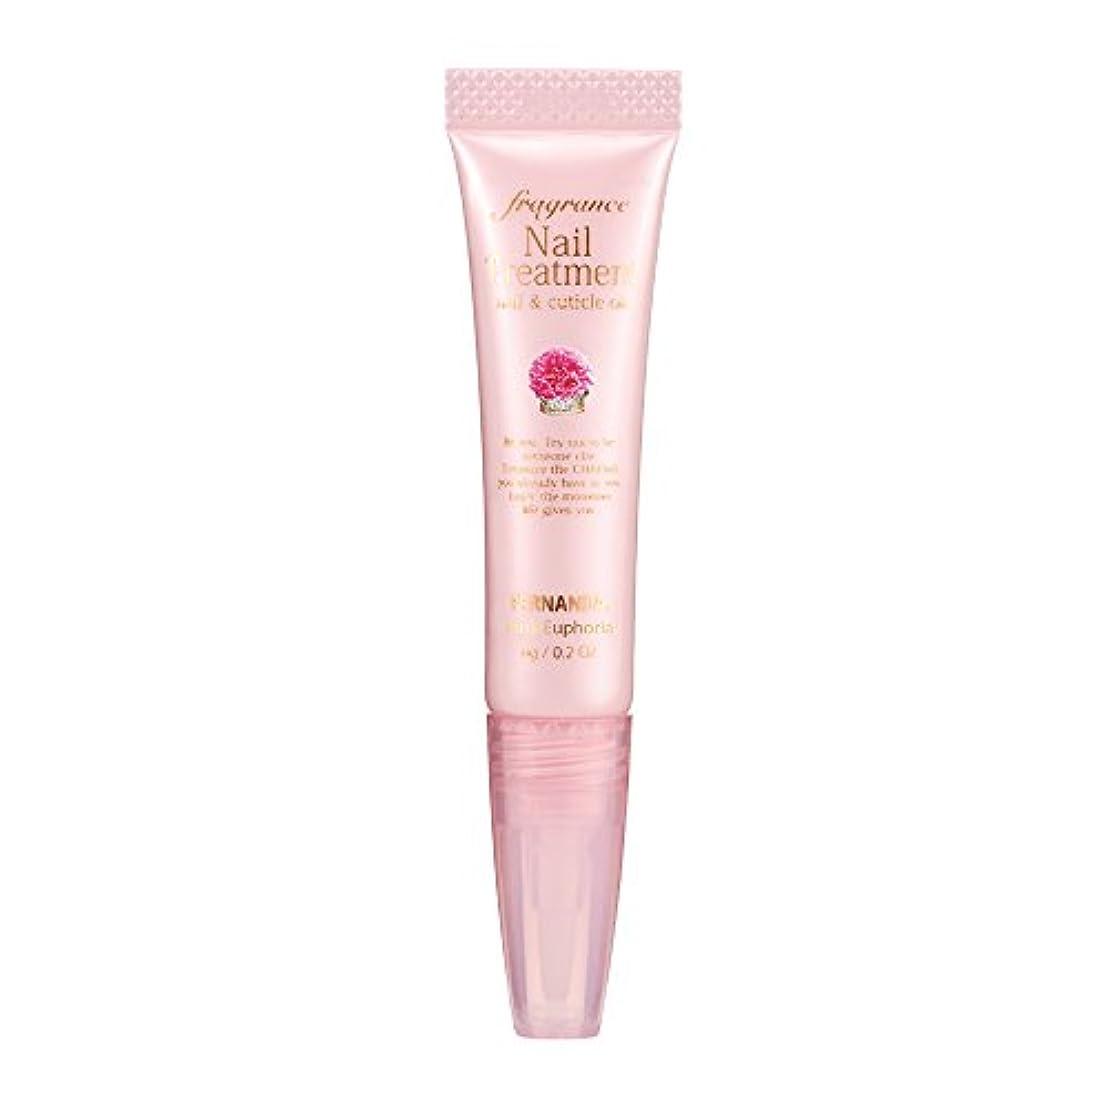 気がついてヘクタール基礎理論FERNANDA(フェルナンダ) Fragrance Nail Treatment Pink Euphoria (ネイルトリートメント ピンクエウフォリア)